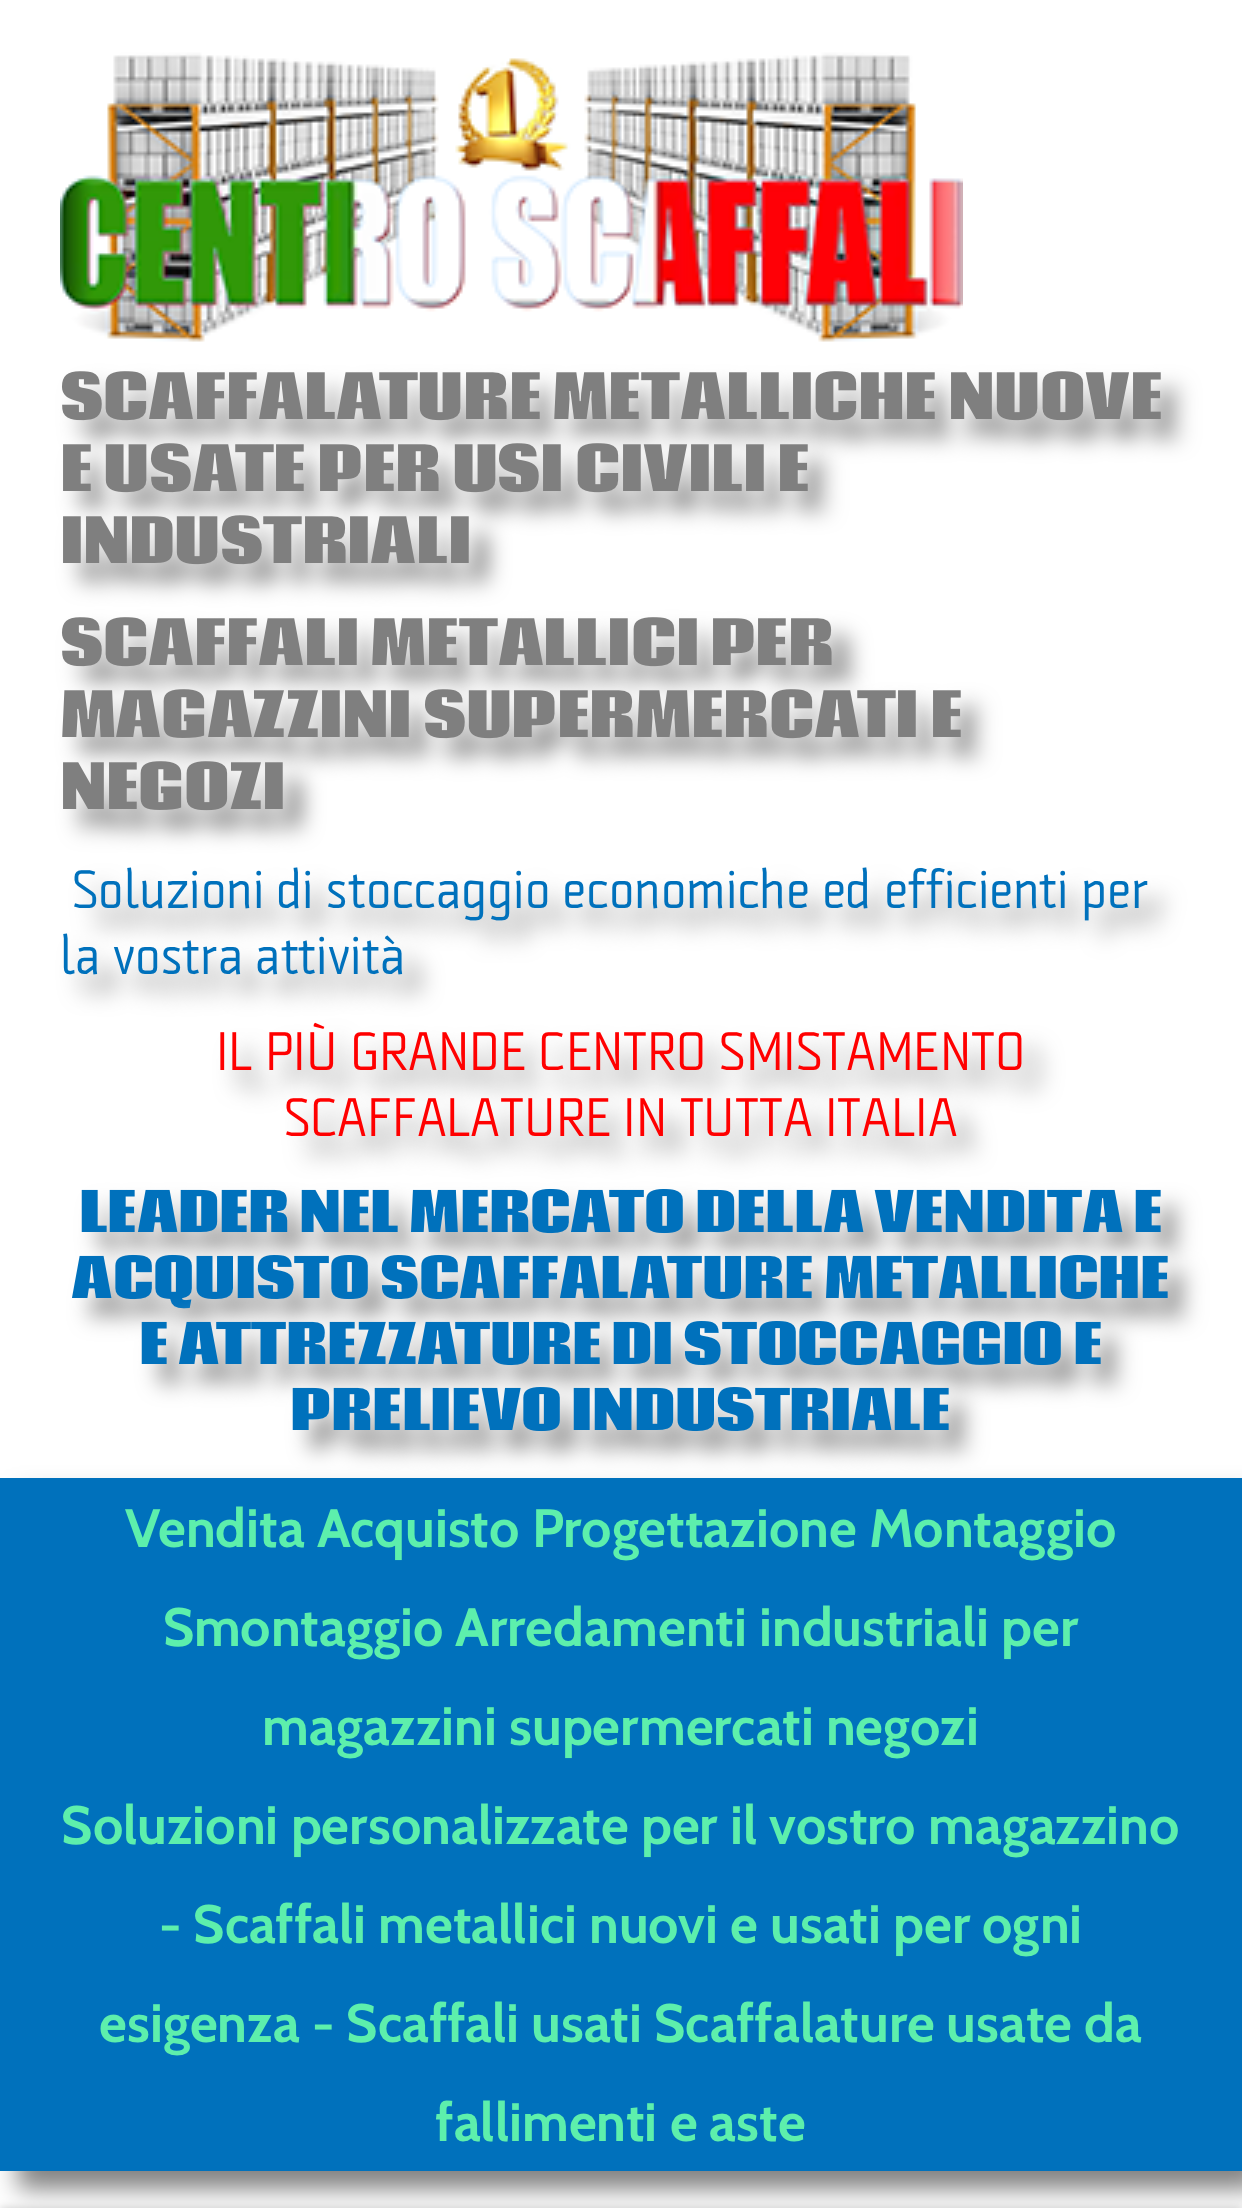 Vendita Attrezzature Per Supermercati Usate.Scaffali Magazzino Usati Scaffalature Metalliche Usate Aziende